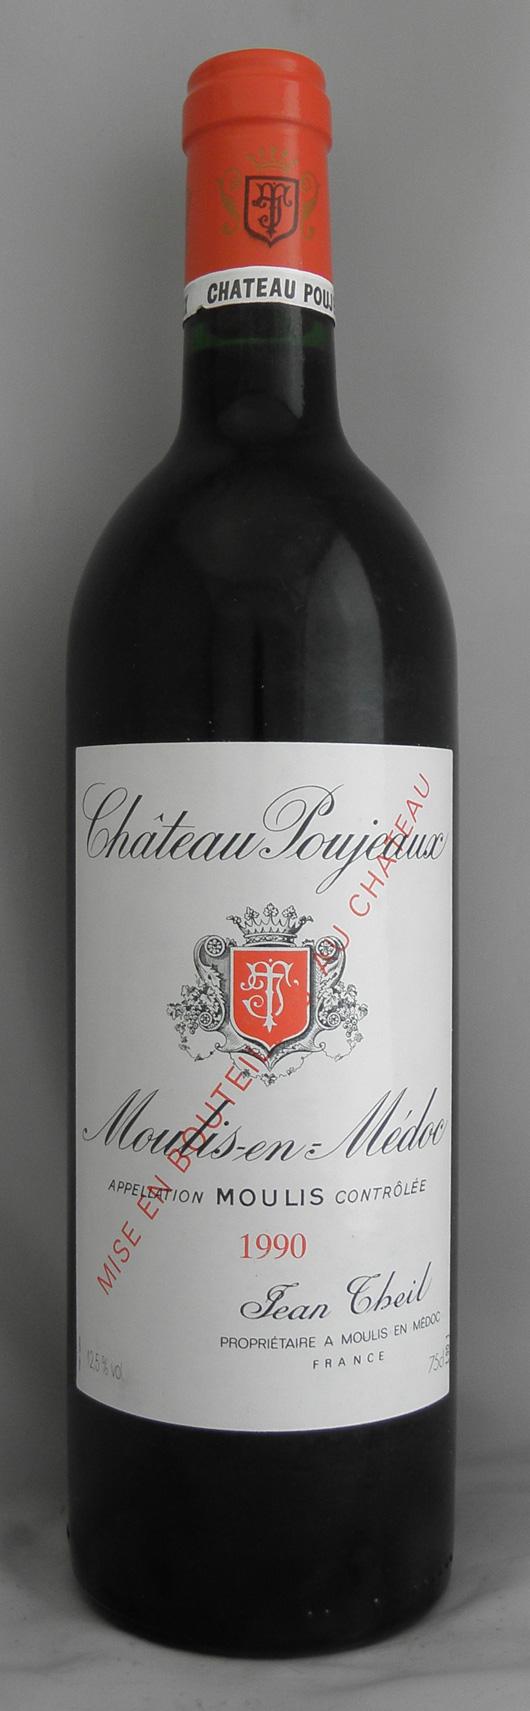 1990年 シャトー プジョー(フランス 赤ワイン)